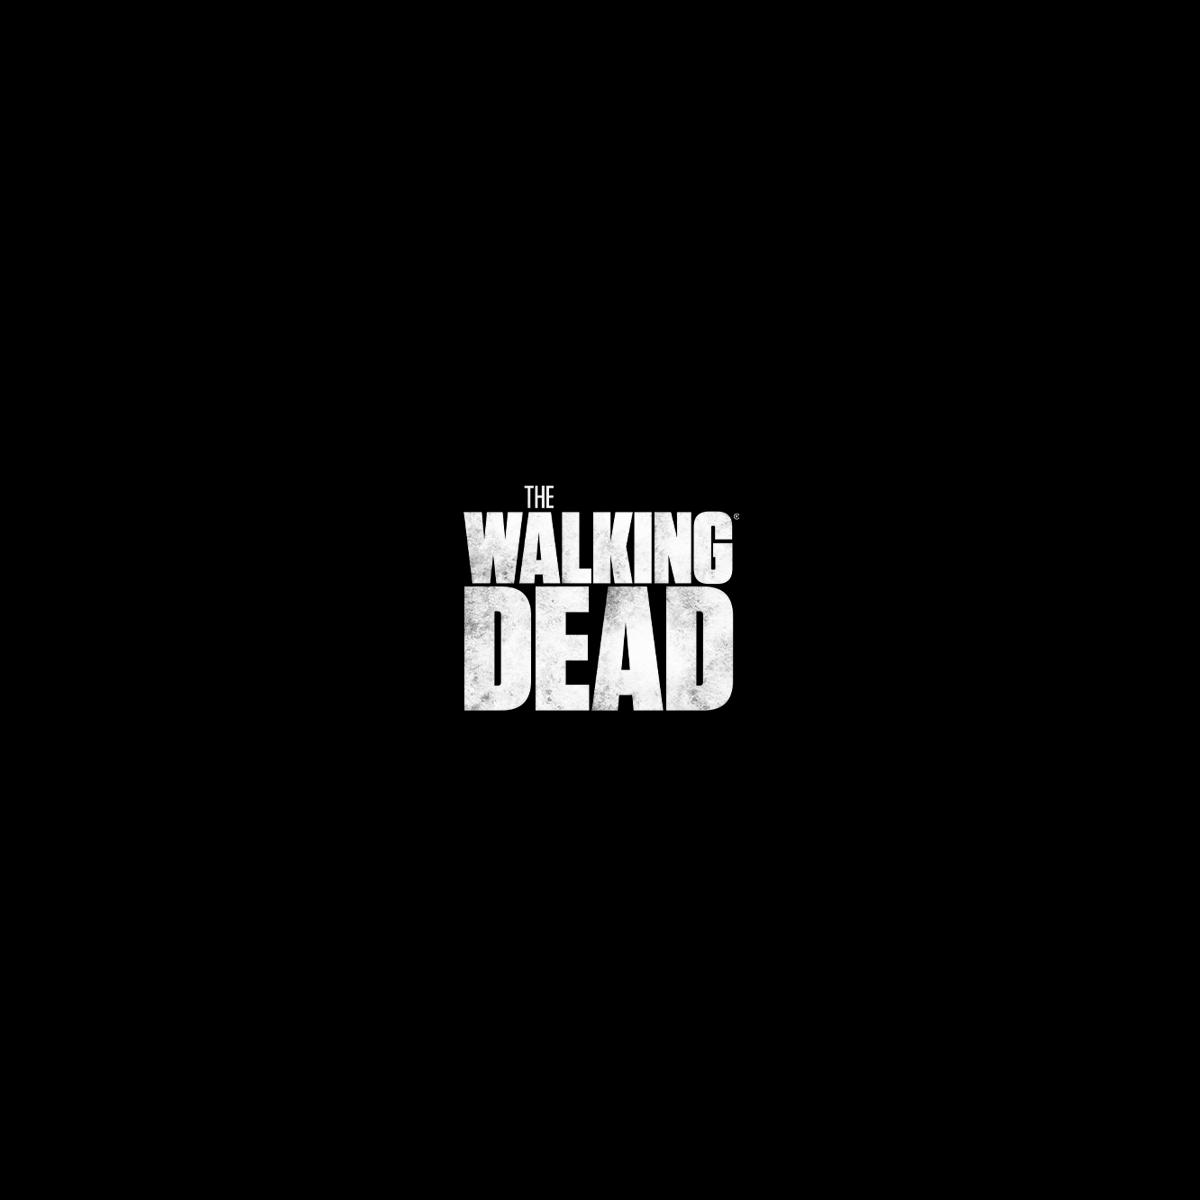 the walking dead staffel 1 folge 1 deutsch kostenlos